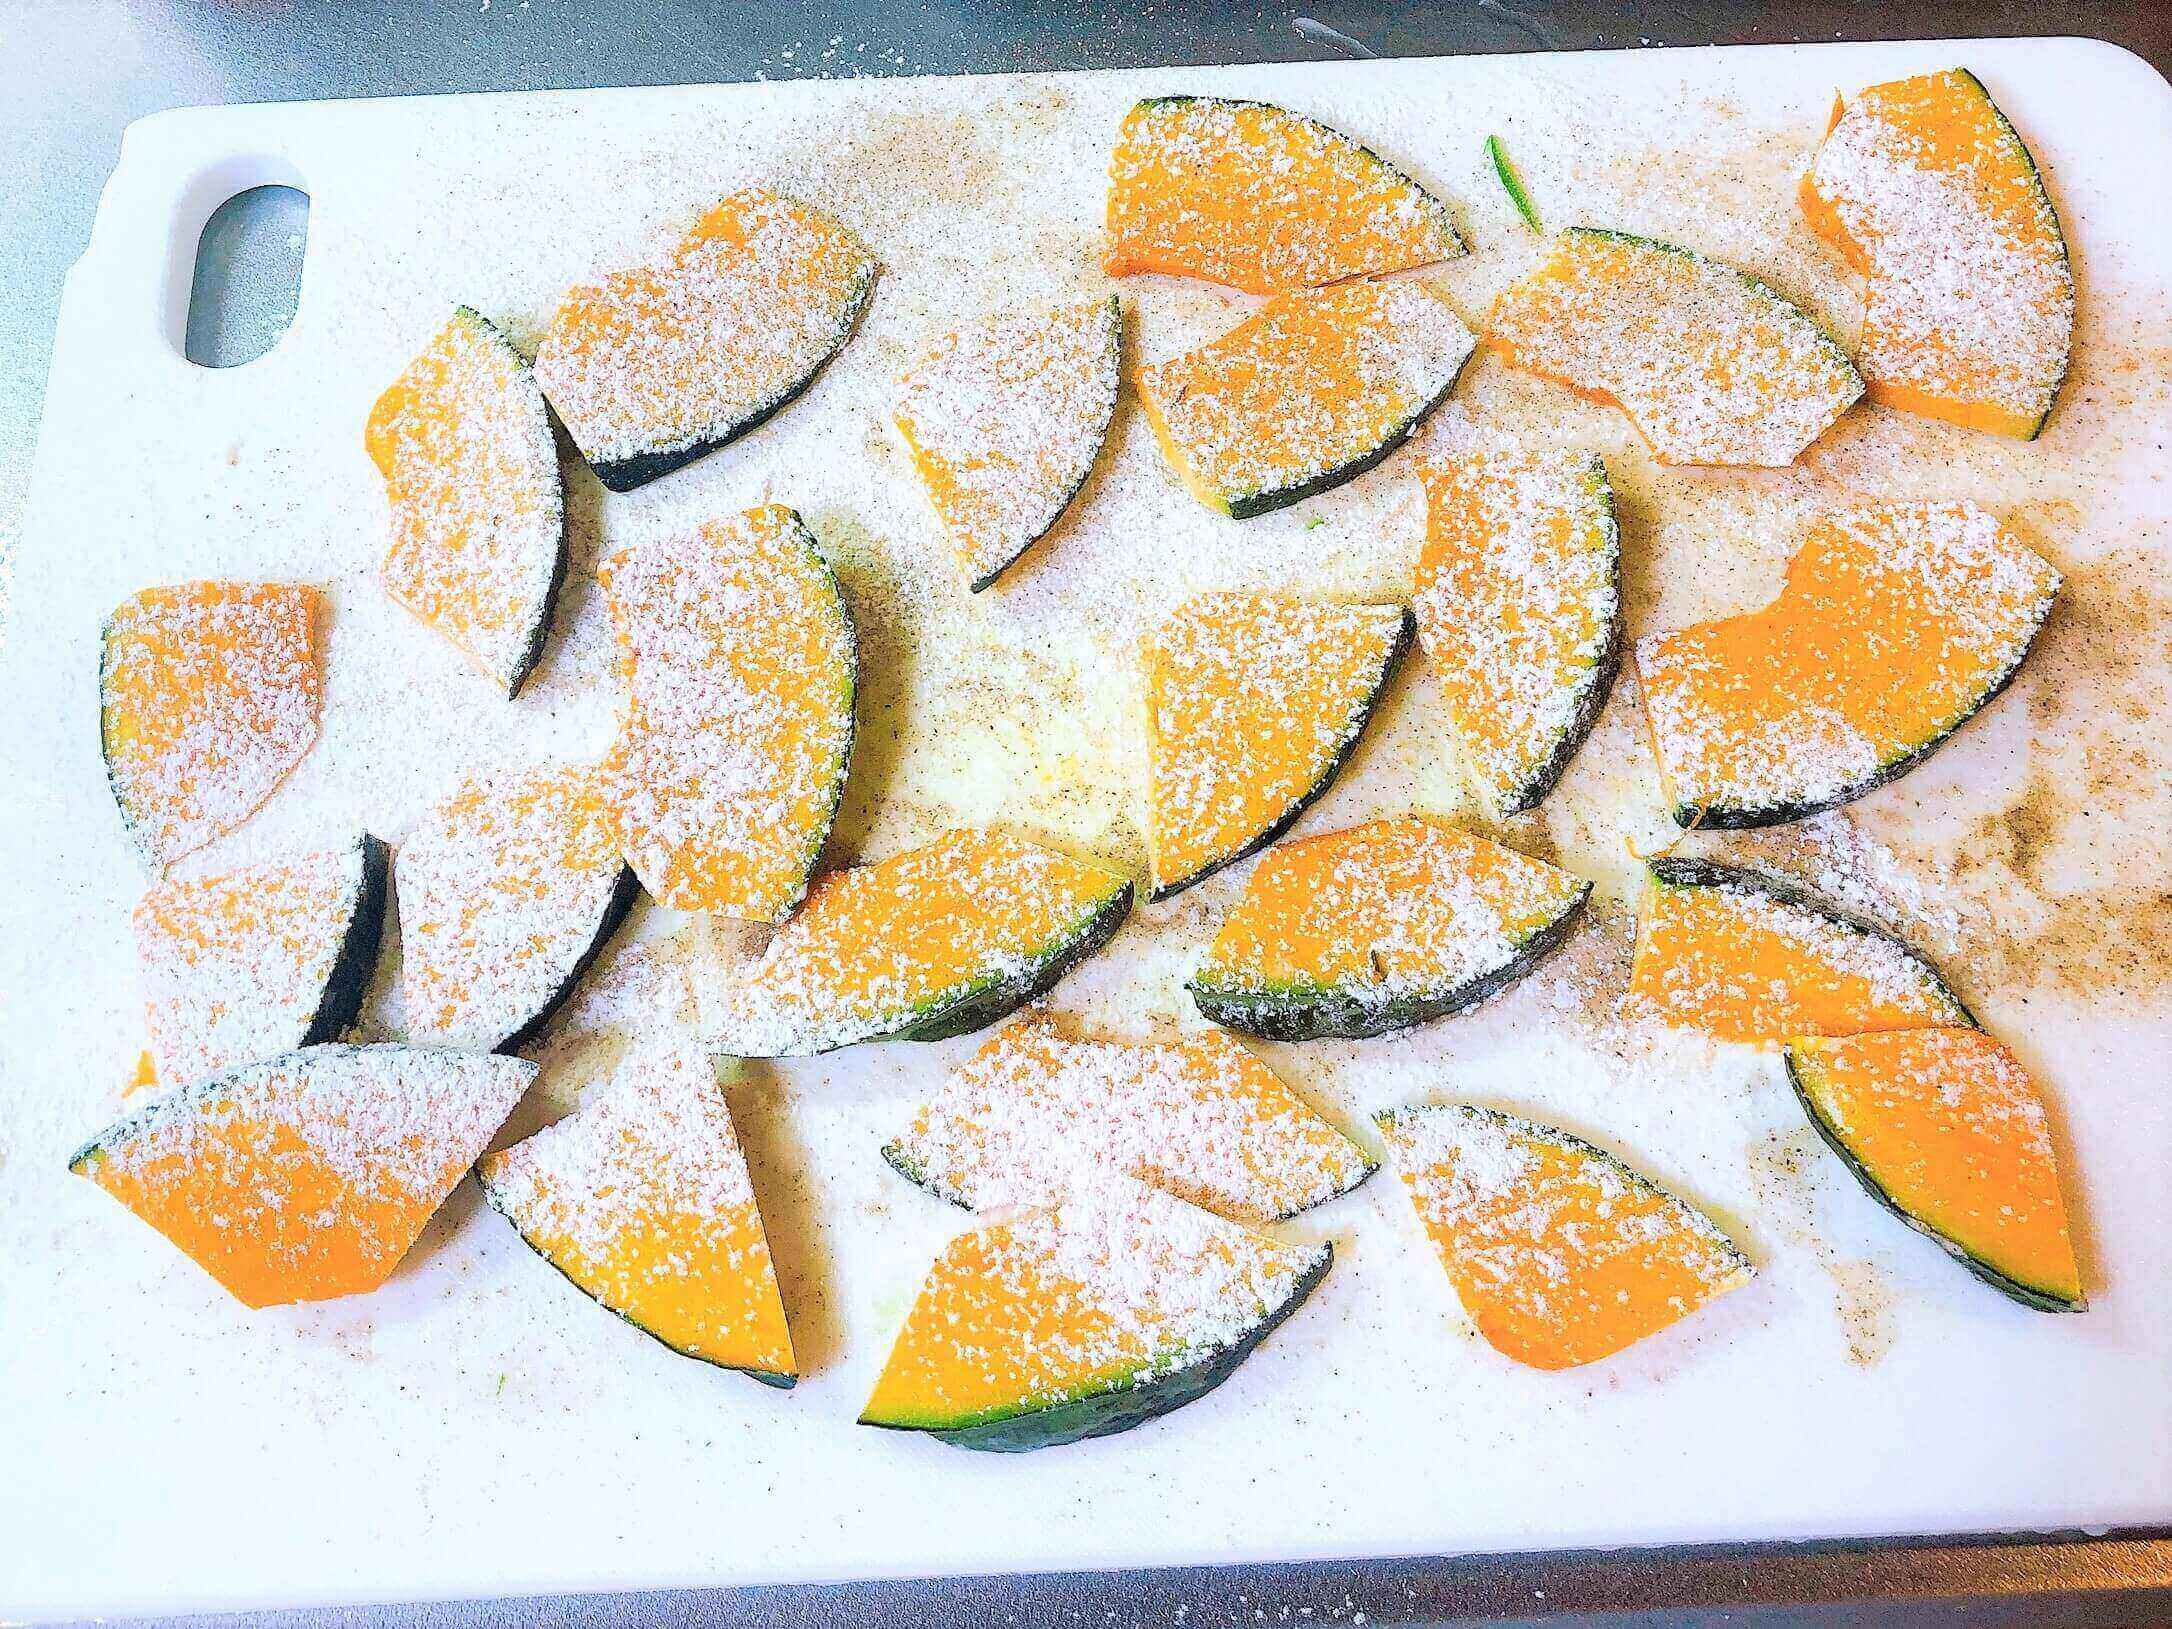 野菜のピカタ、かぼちゃを調理